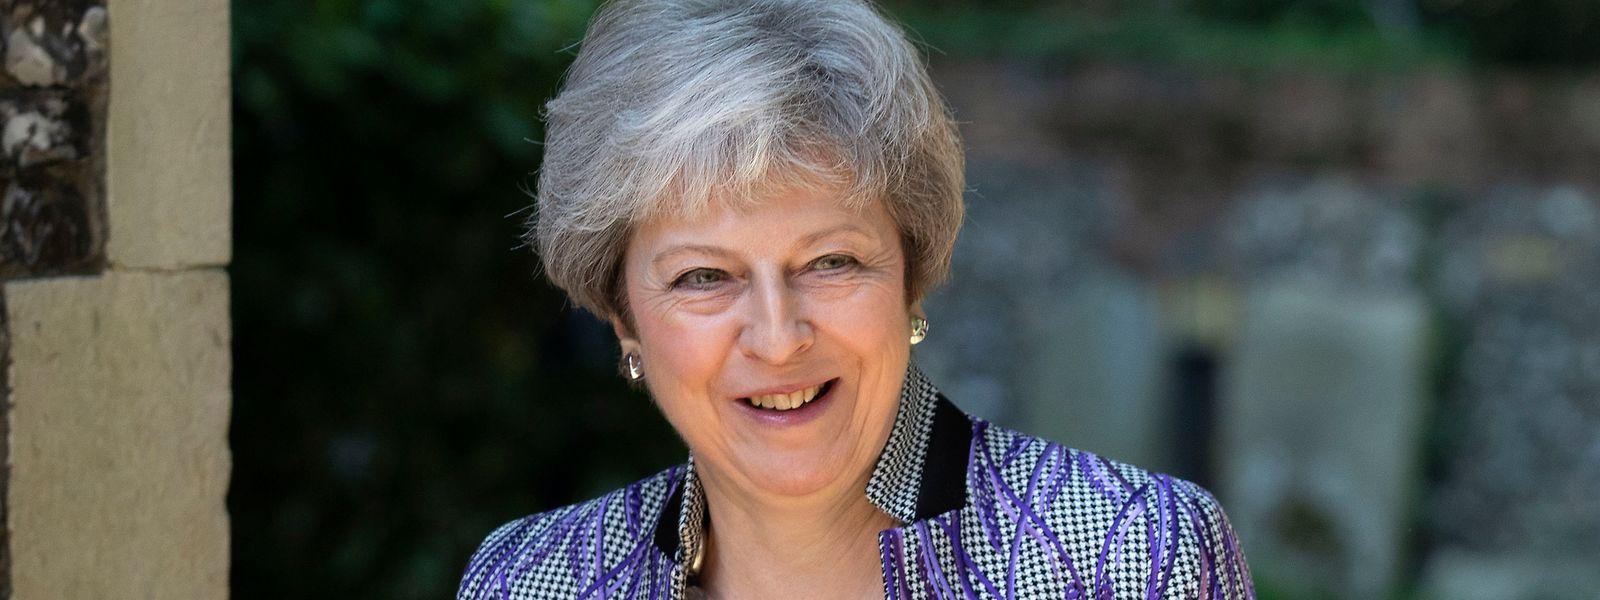 Theresa May, Premierministerin von Großbritannien, kommt zu einem Gottesdienst am Ostersonntag in der Nähe ihres Wahlkreises Maidenhead.